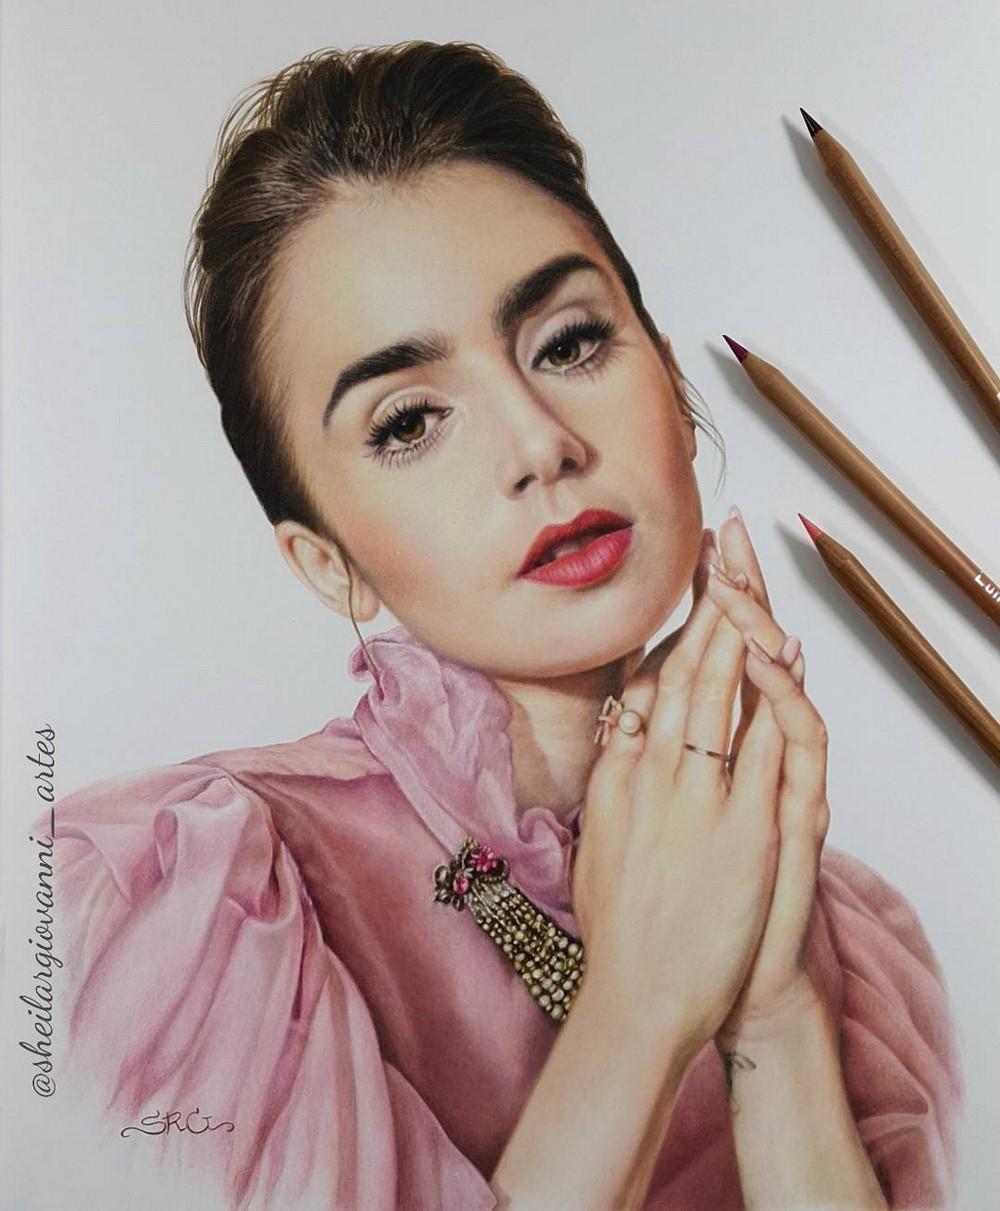 Реалистичные рисунки знаменитостей от Шейлы Р. Джованни